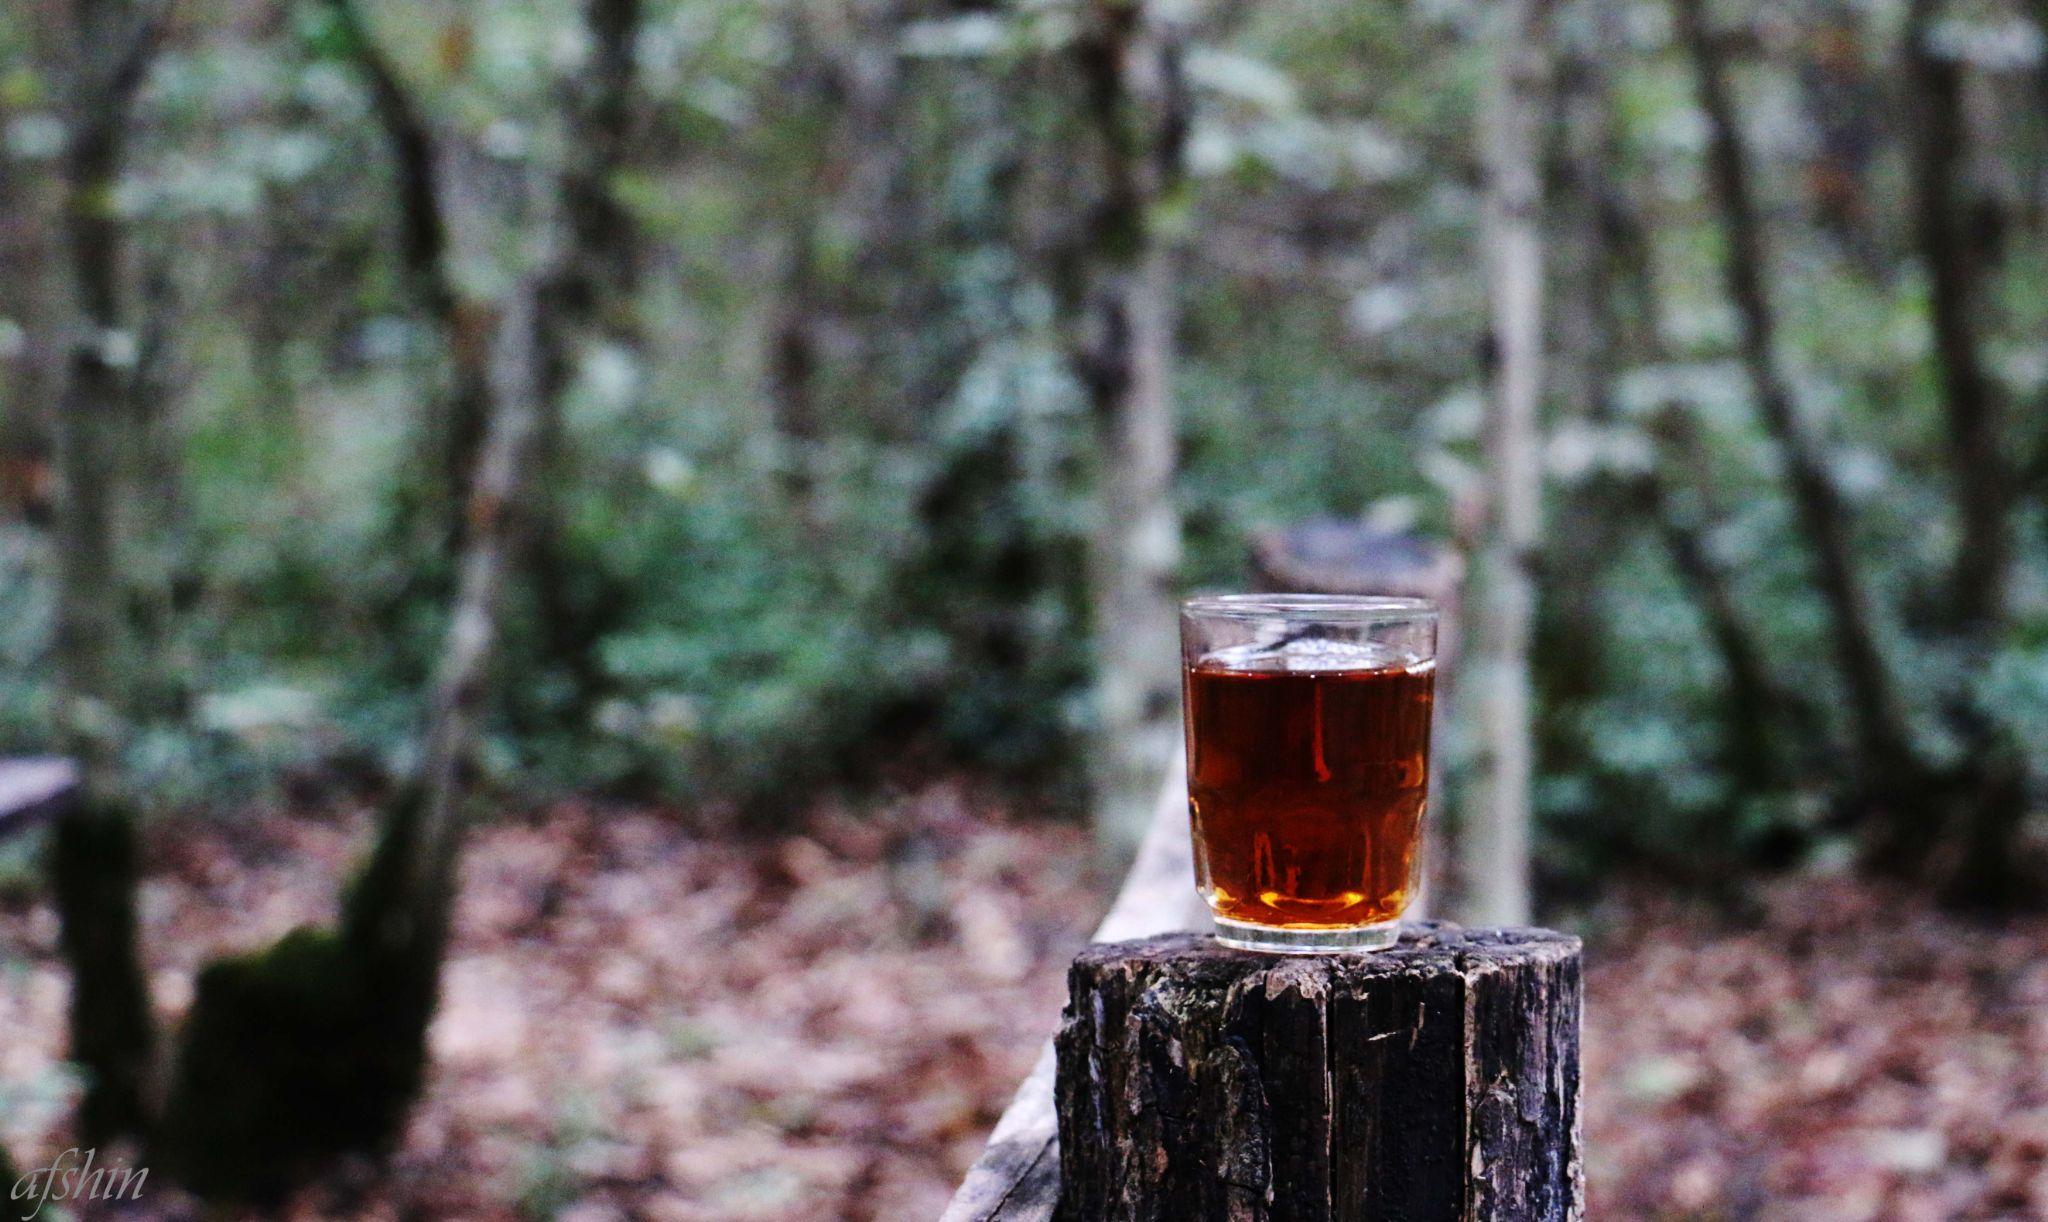 Here's a cup of hot tea in Iran ... by mr-zarifi